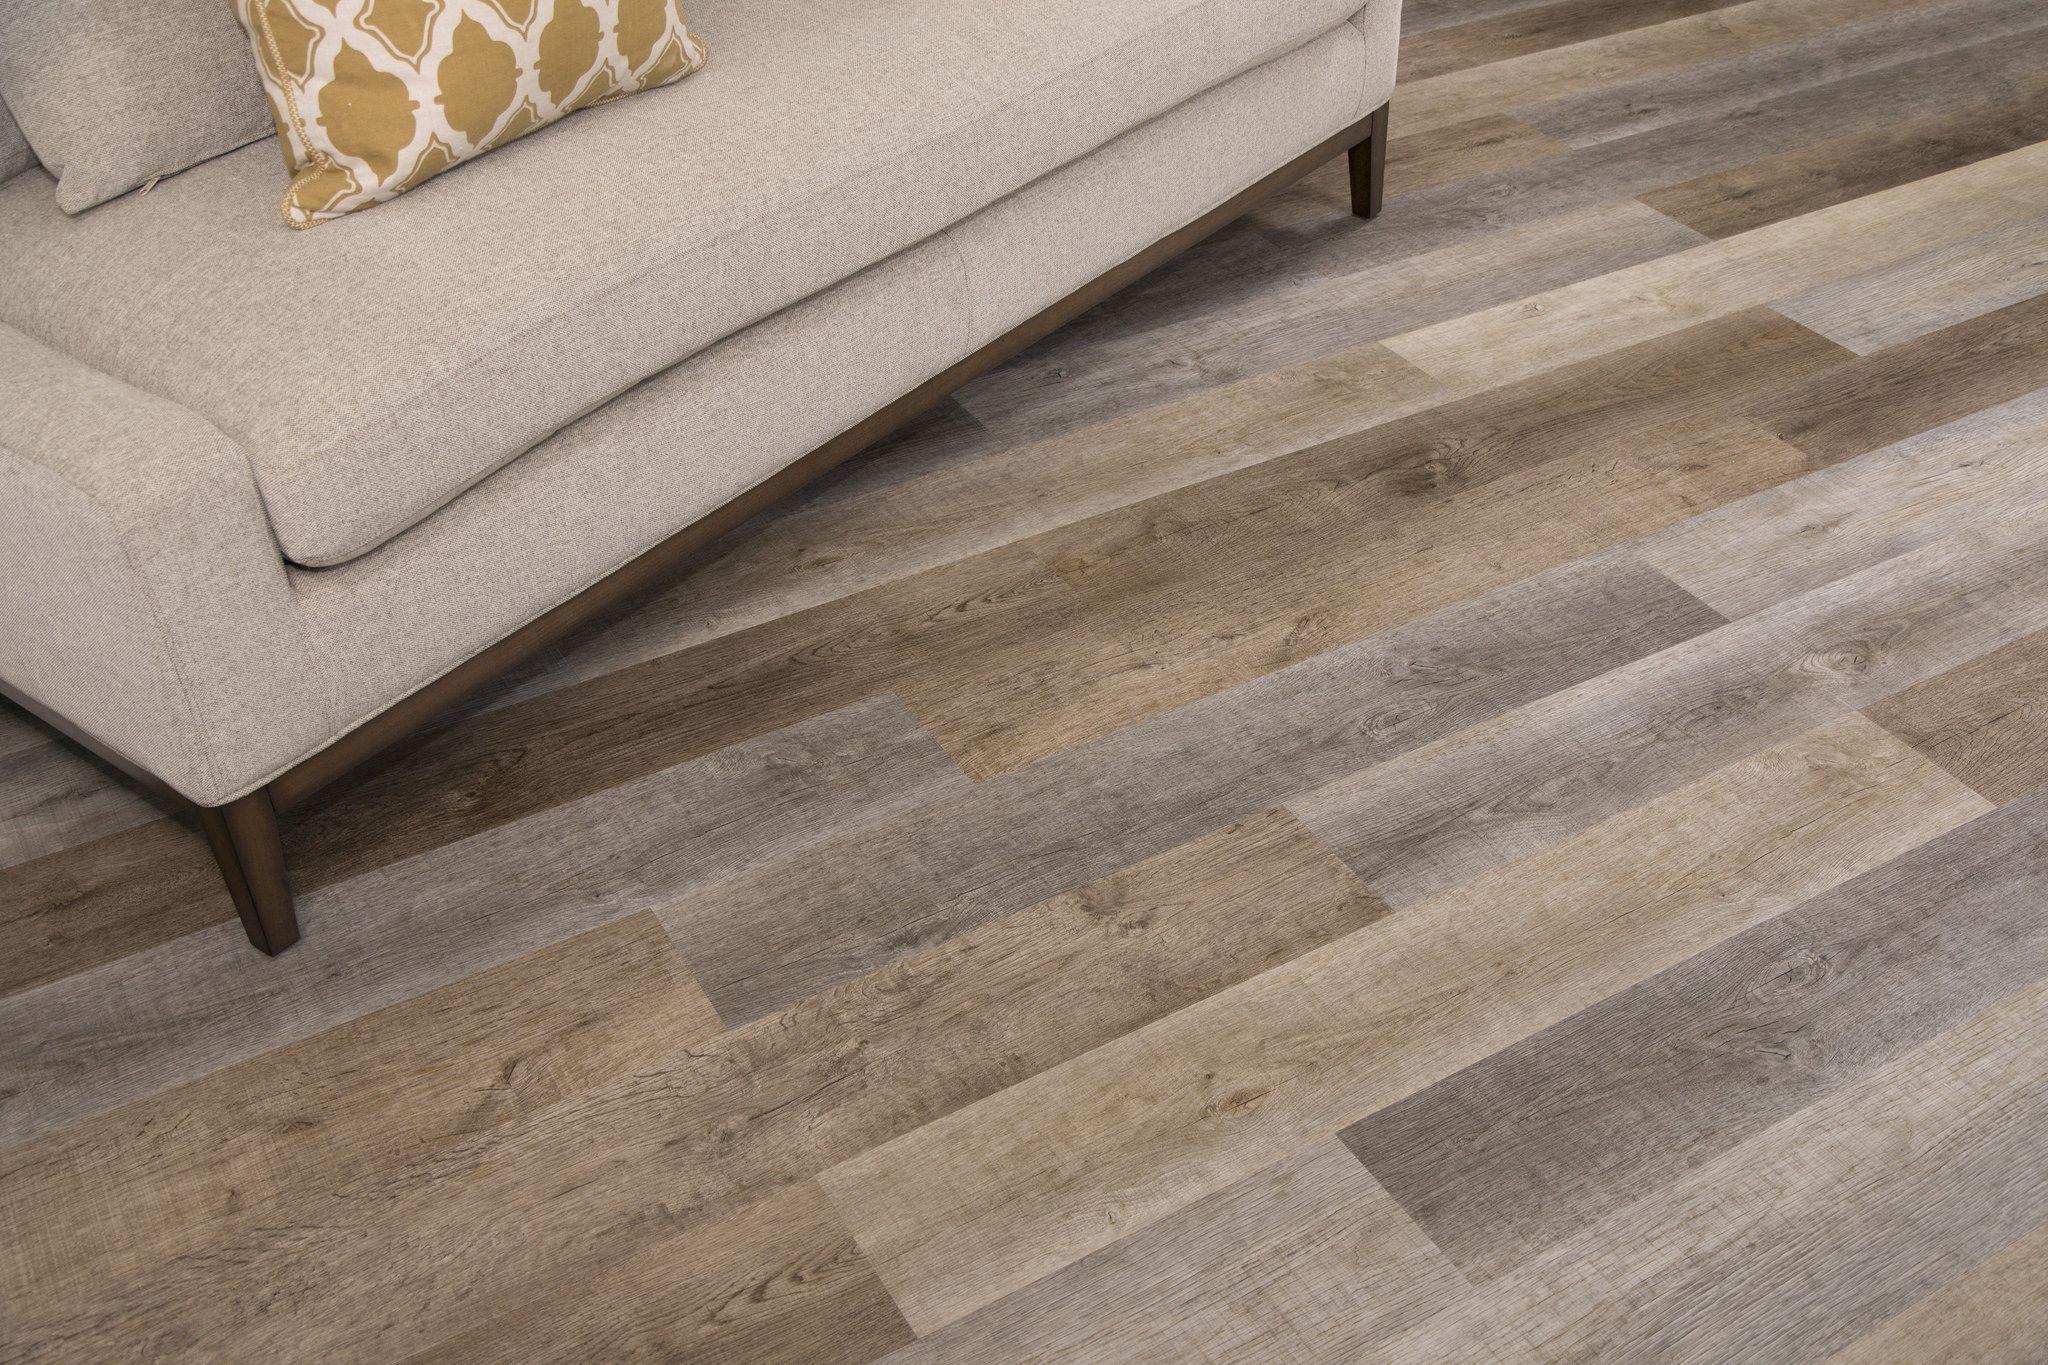 Gray Vinyl Plank Flooring Rapid Locking System Cali Vinyl Sample In 2019 Vinyl